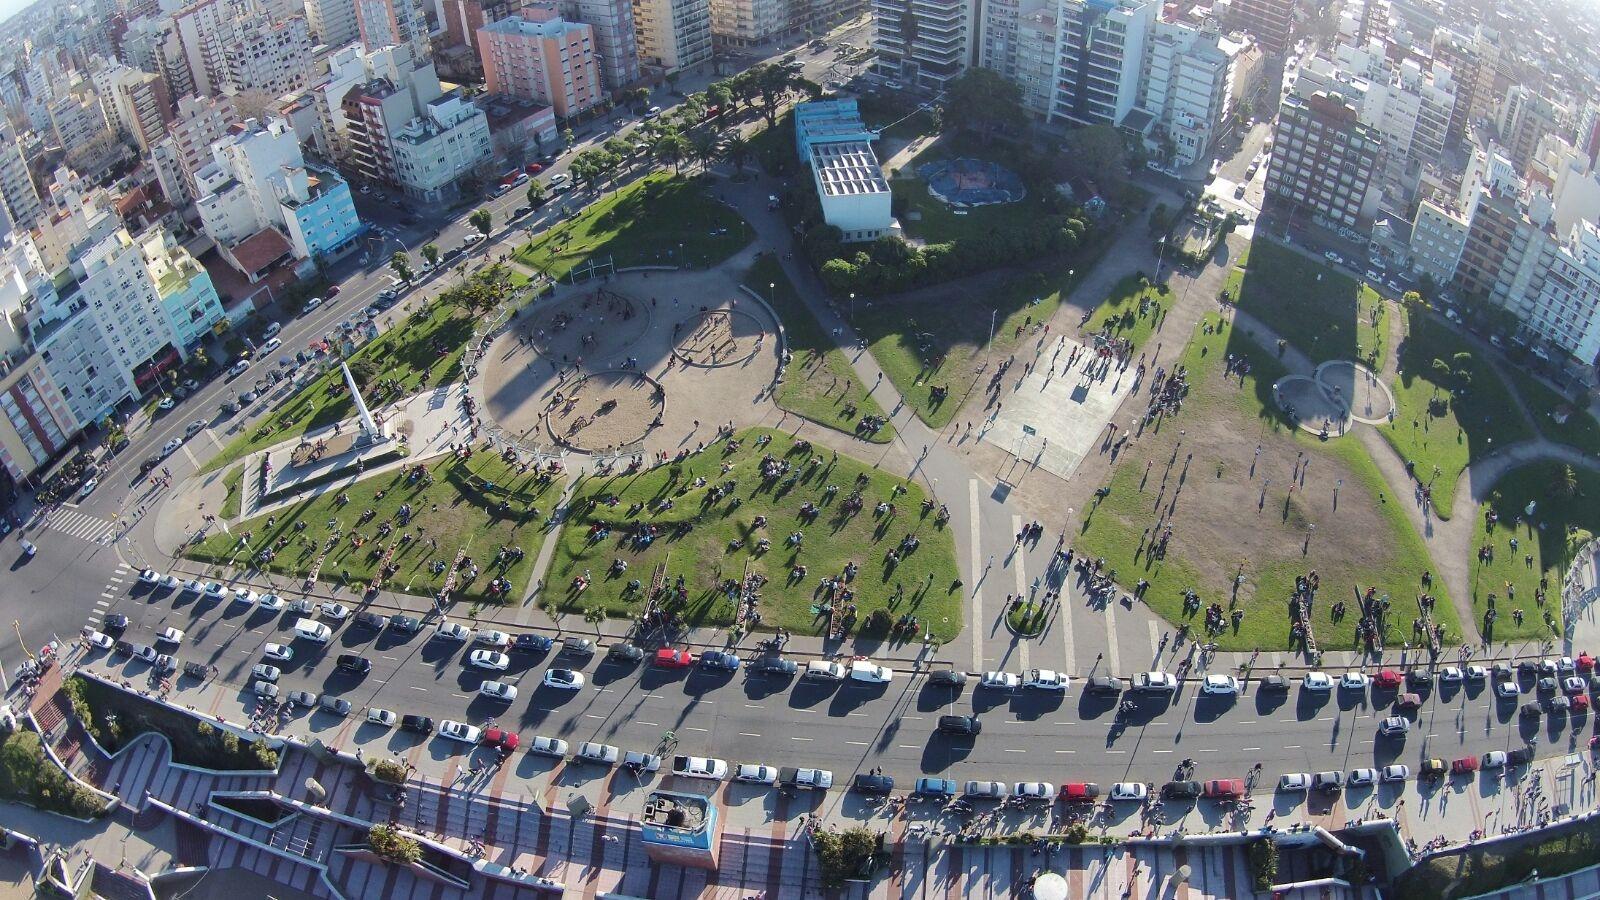 Vista aérea de Plaza España, punto de referencia del barrio La Perla.